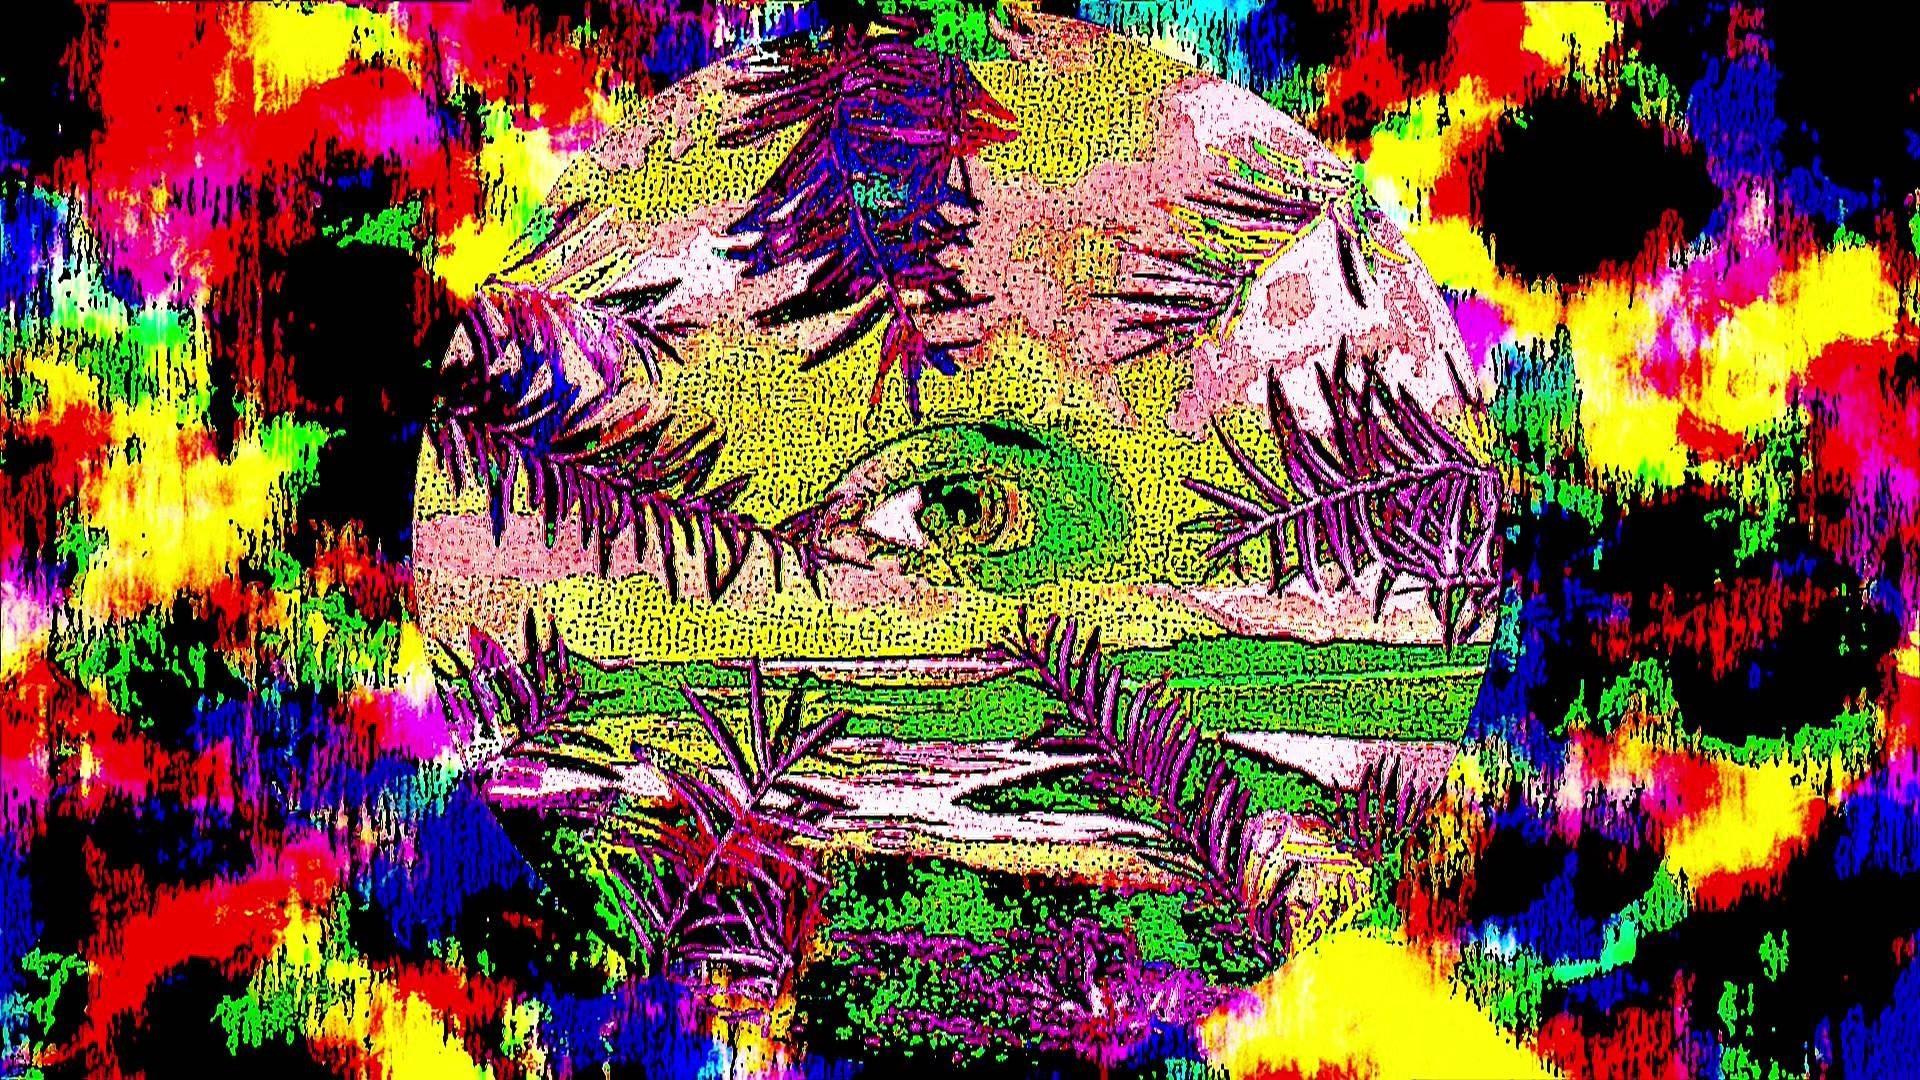 full hd acid trip wallpaper | ololoshka | Pinterest | Acid trip